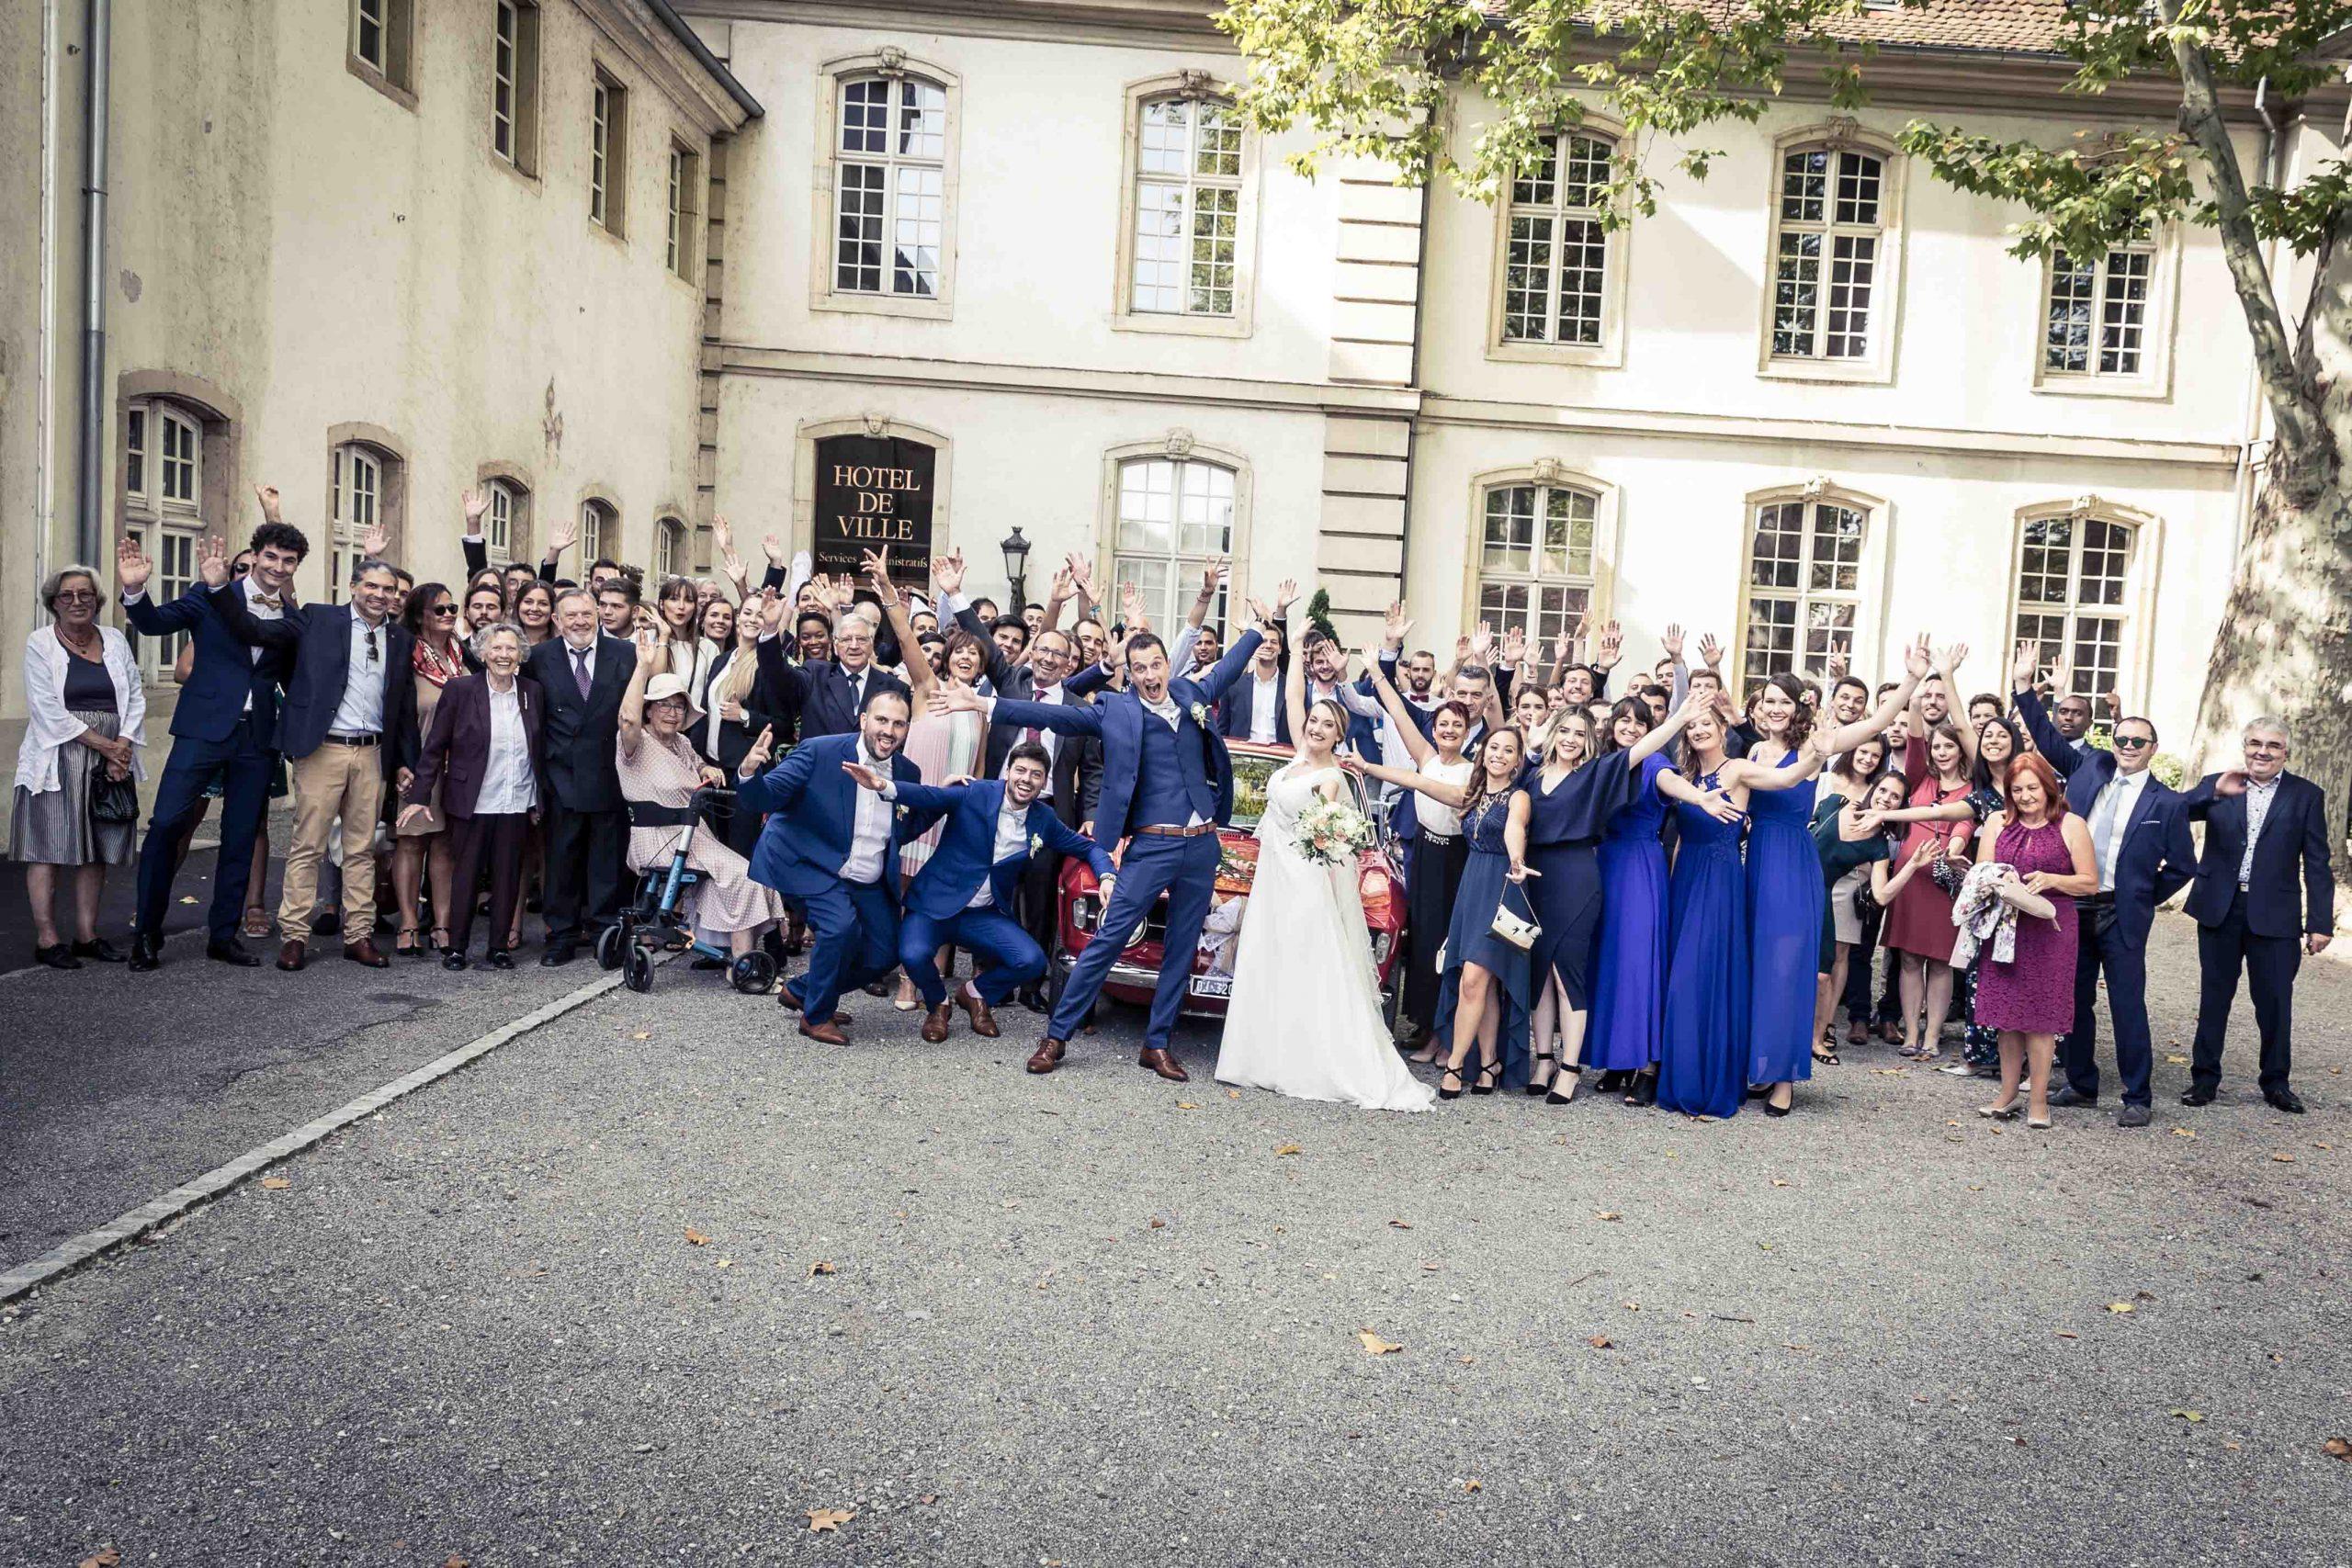 photo de groupe sdrôle pendant le mariage de ce couple à la mairie de Rixheim